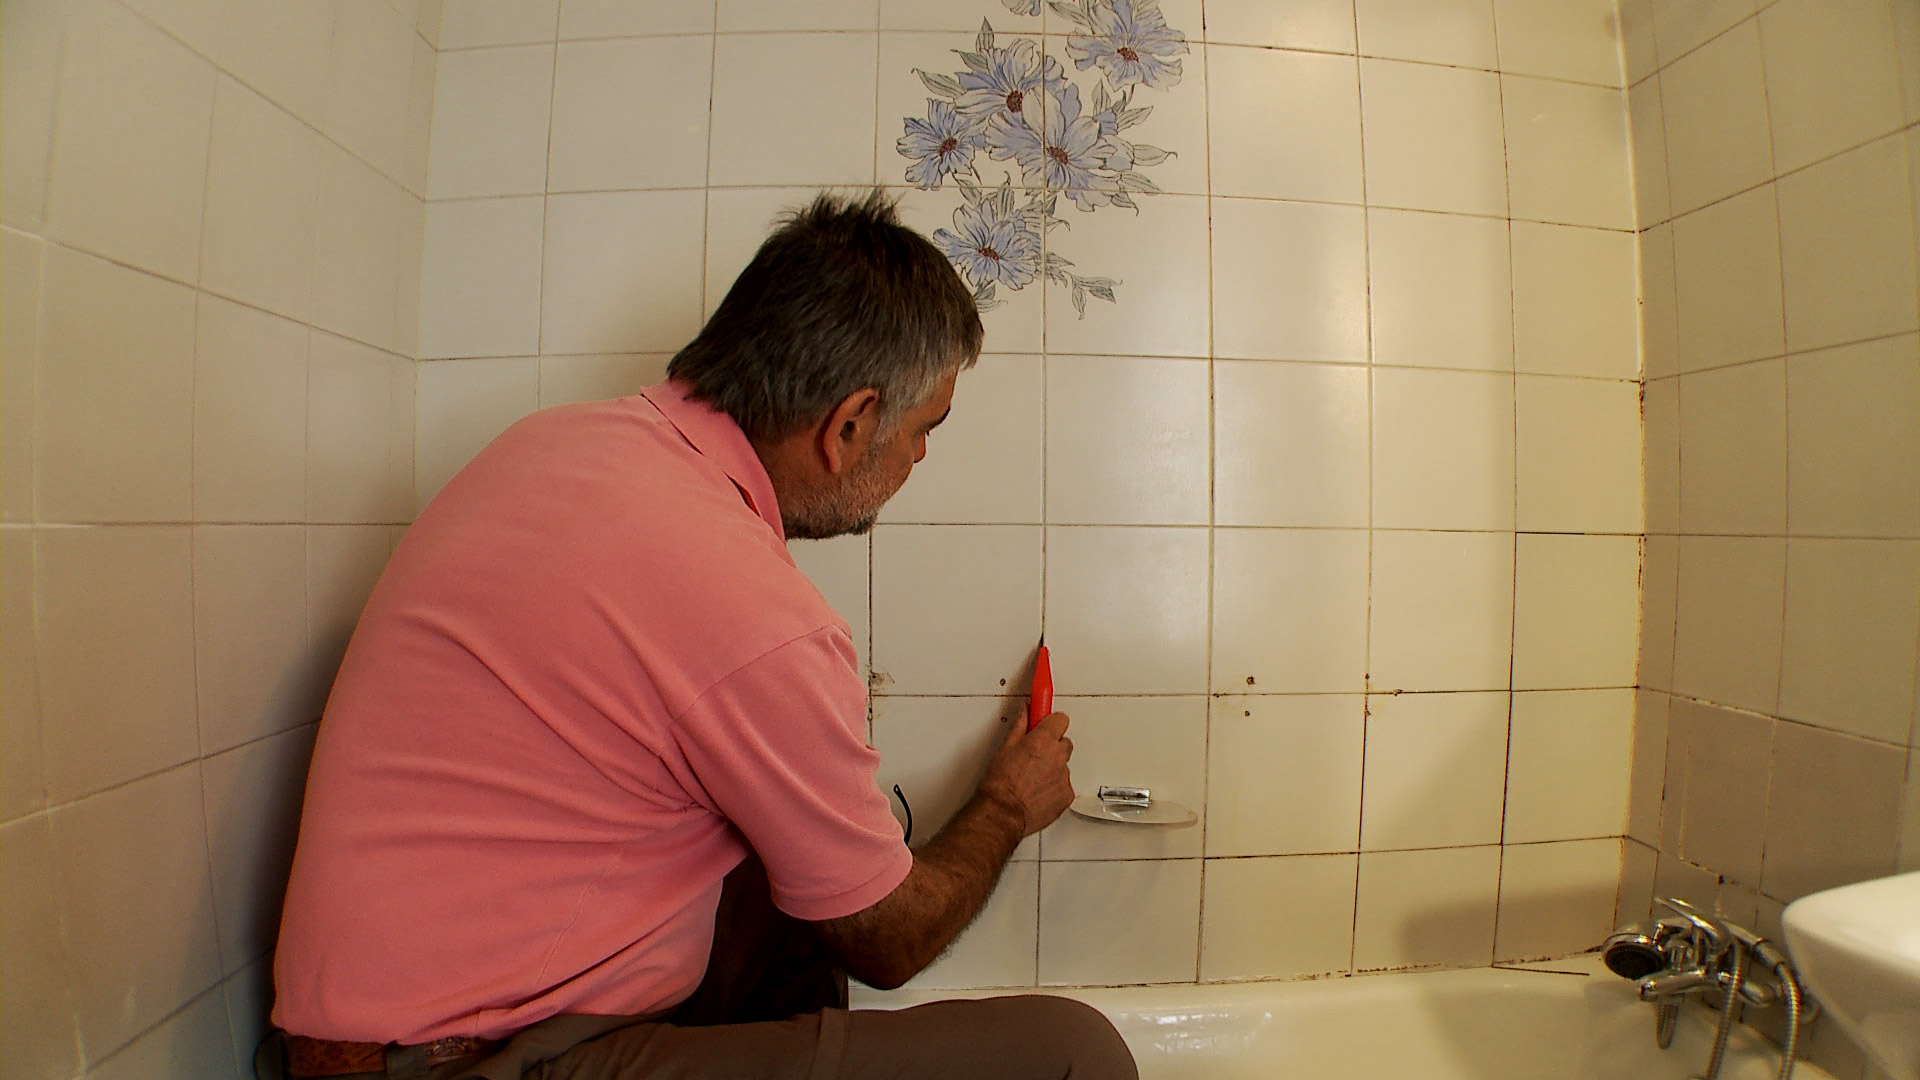 Hágalo Usted Mismo - ¿Cómo reparar muro con humedad?